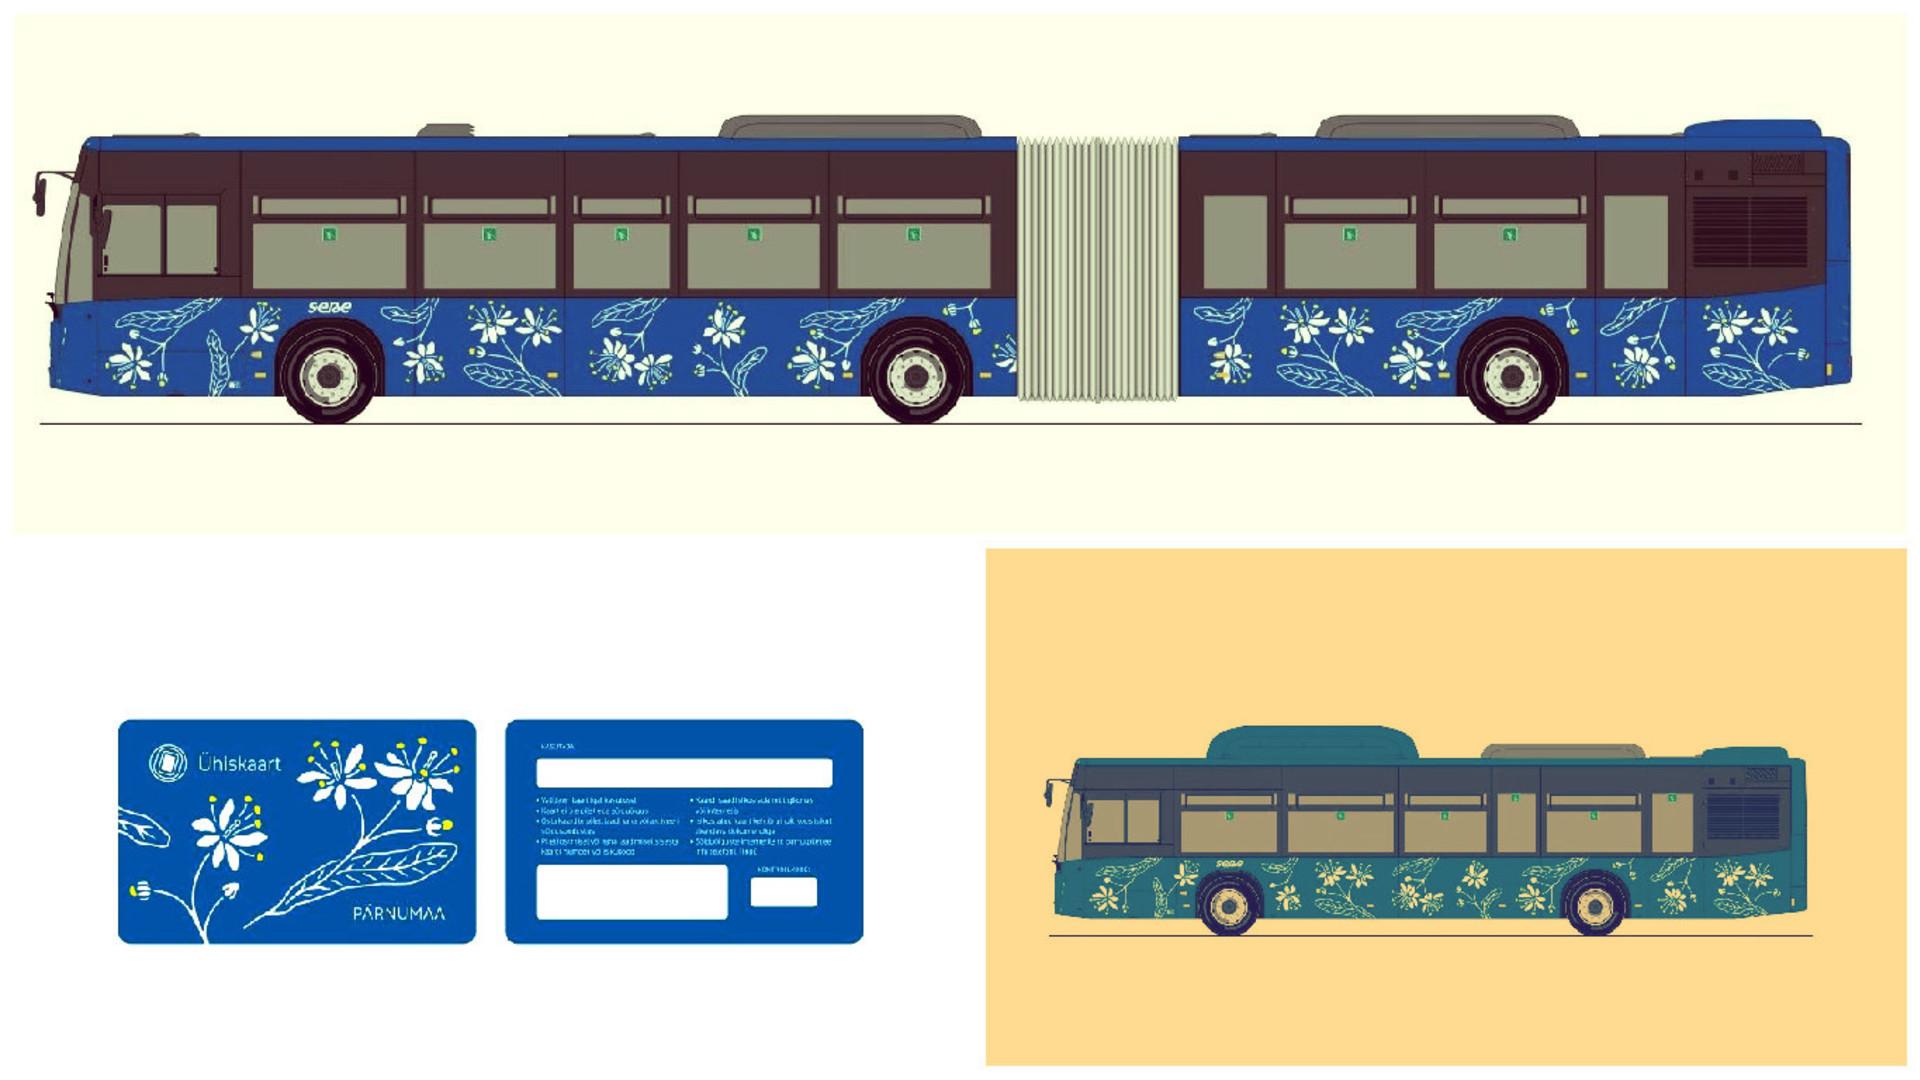 В июле в Пярну будут ходить новые автобусы с изображением цветов липы